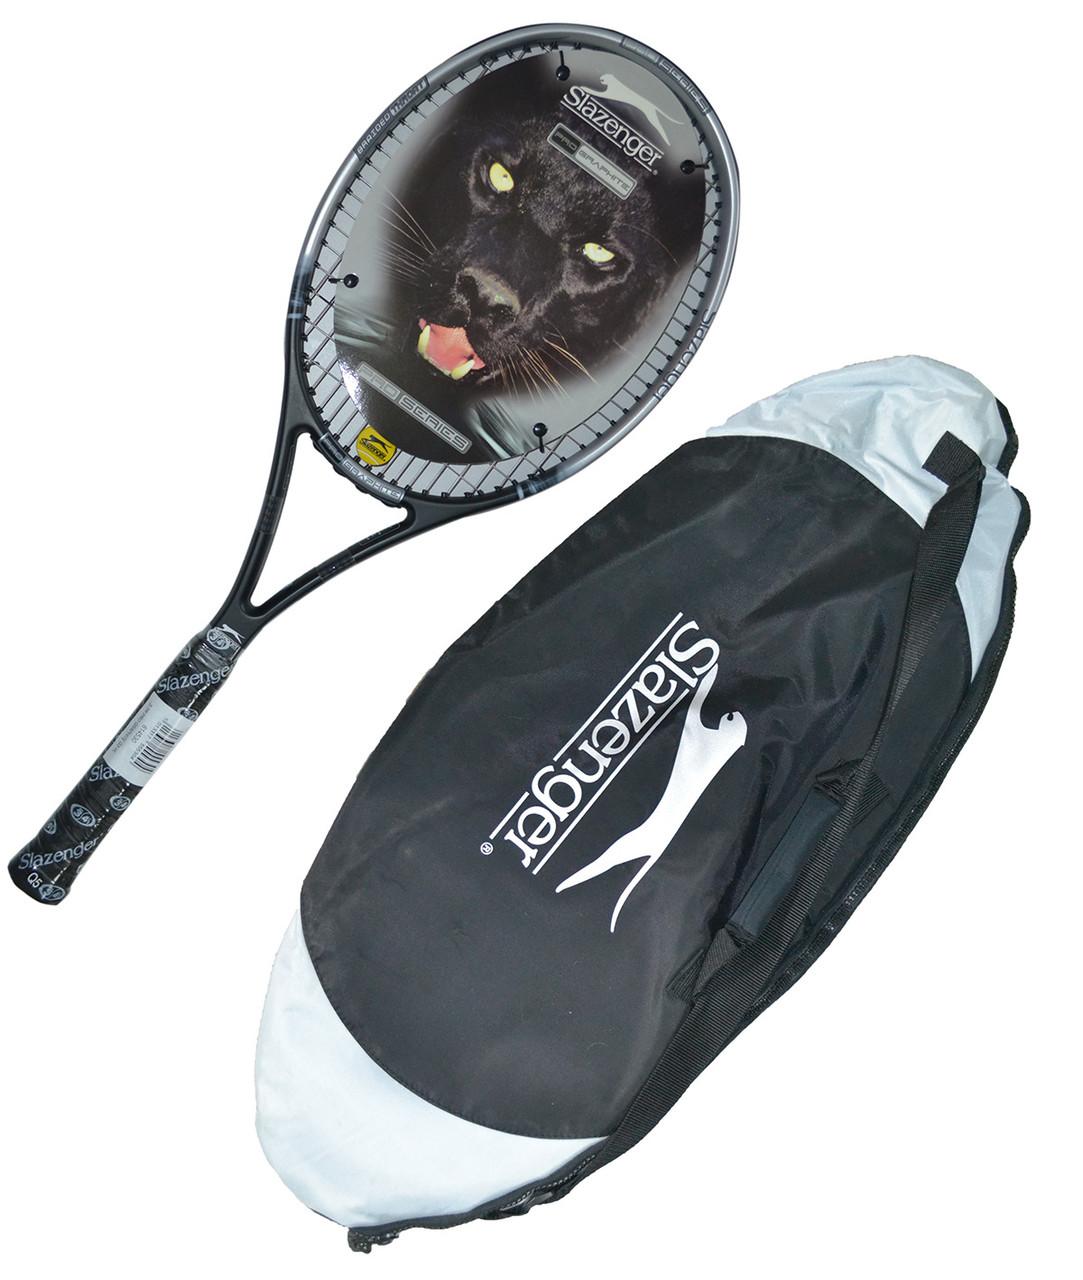 Ракетка для большого тенниса Slazenger в чехле.